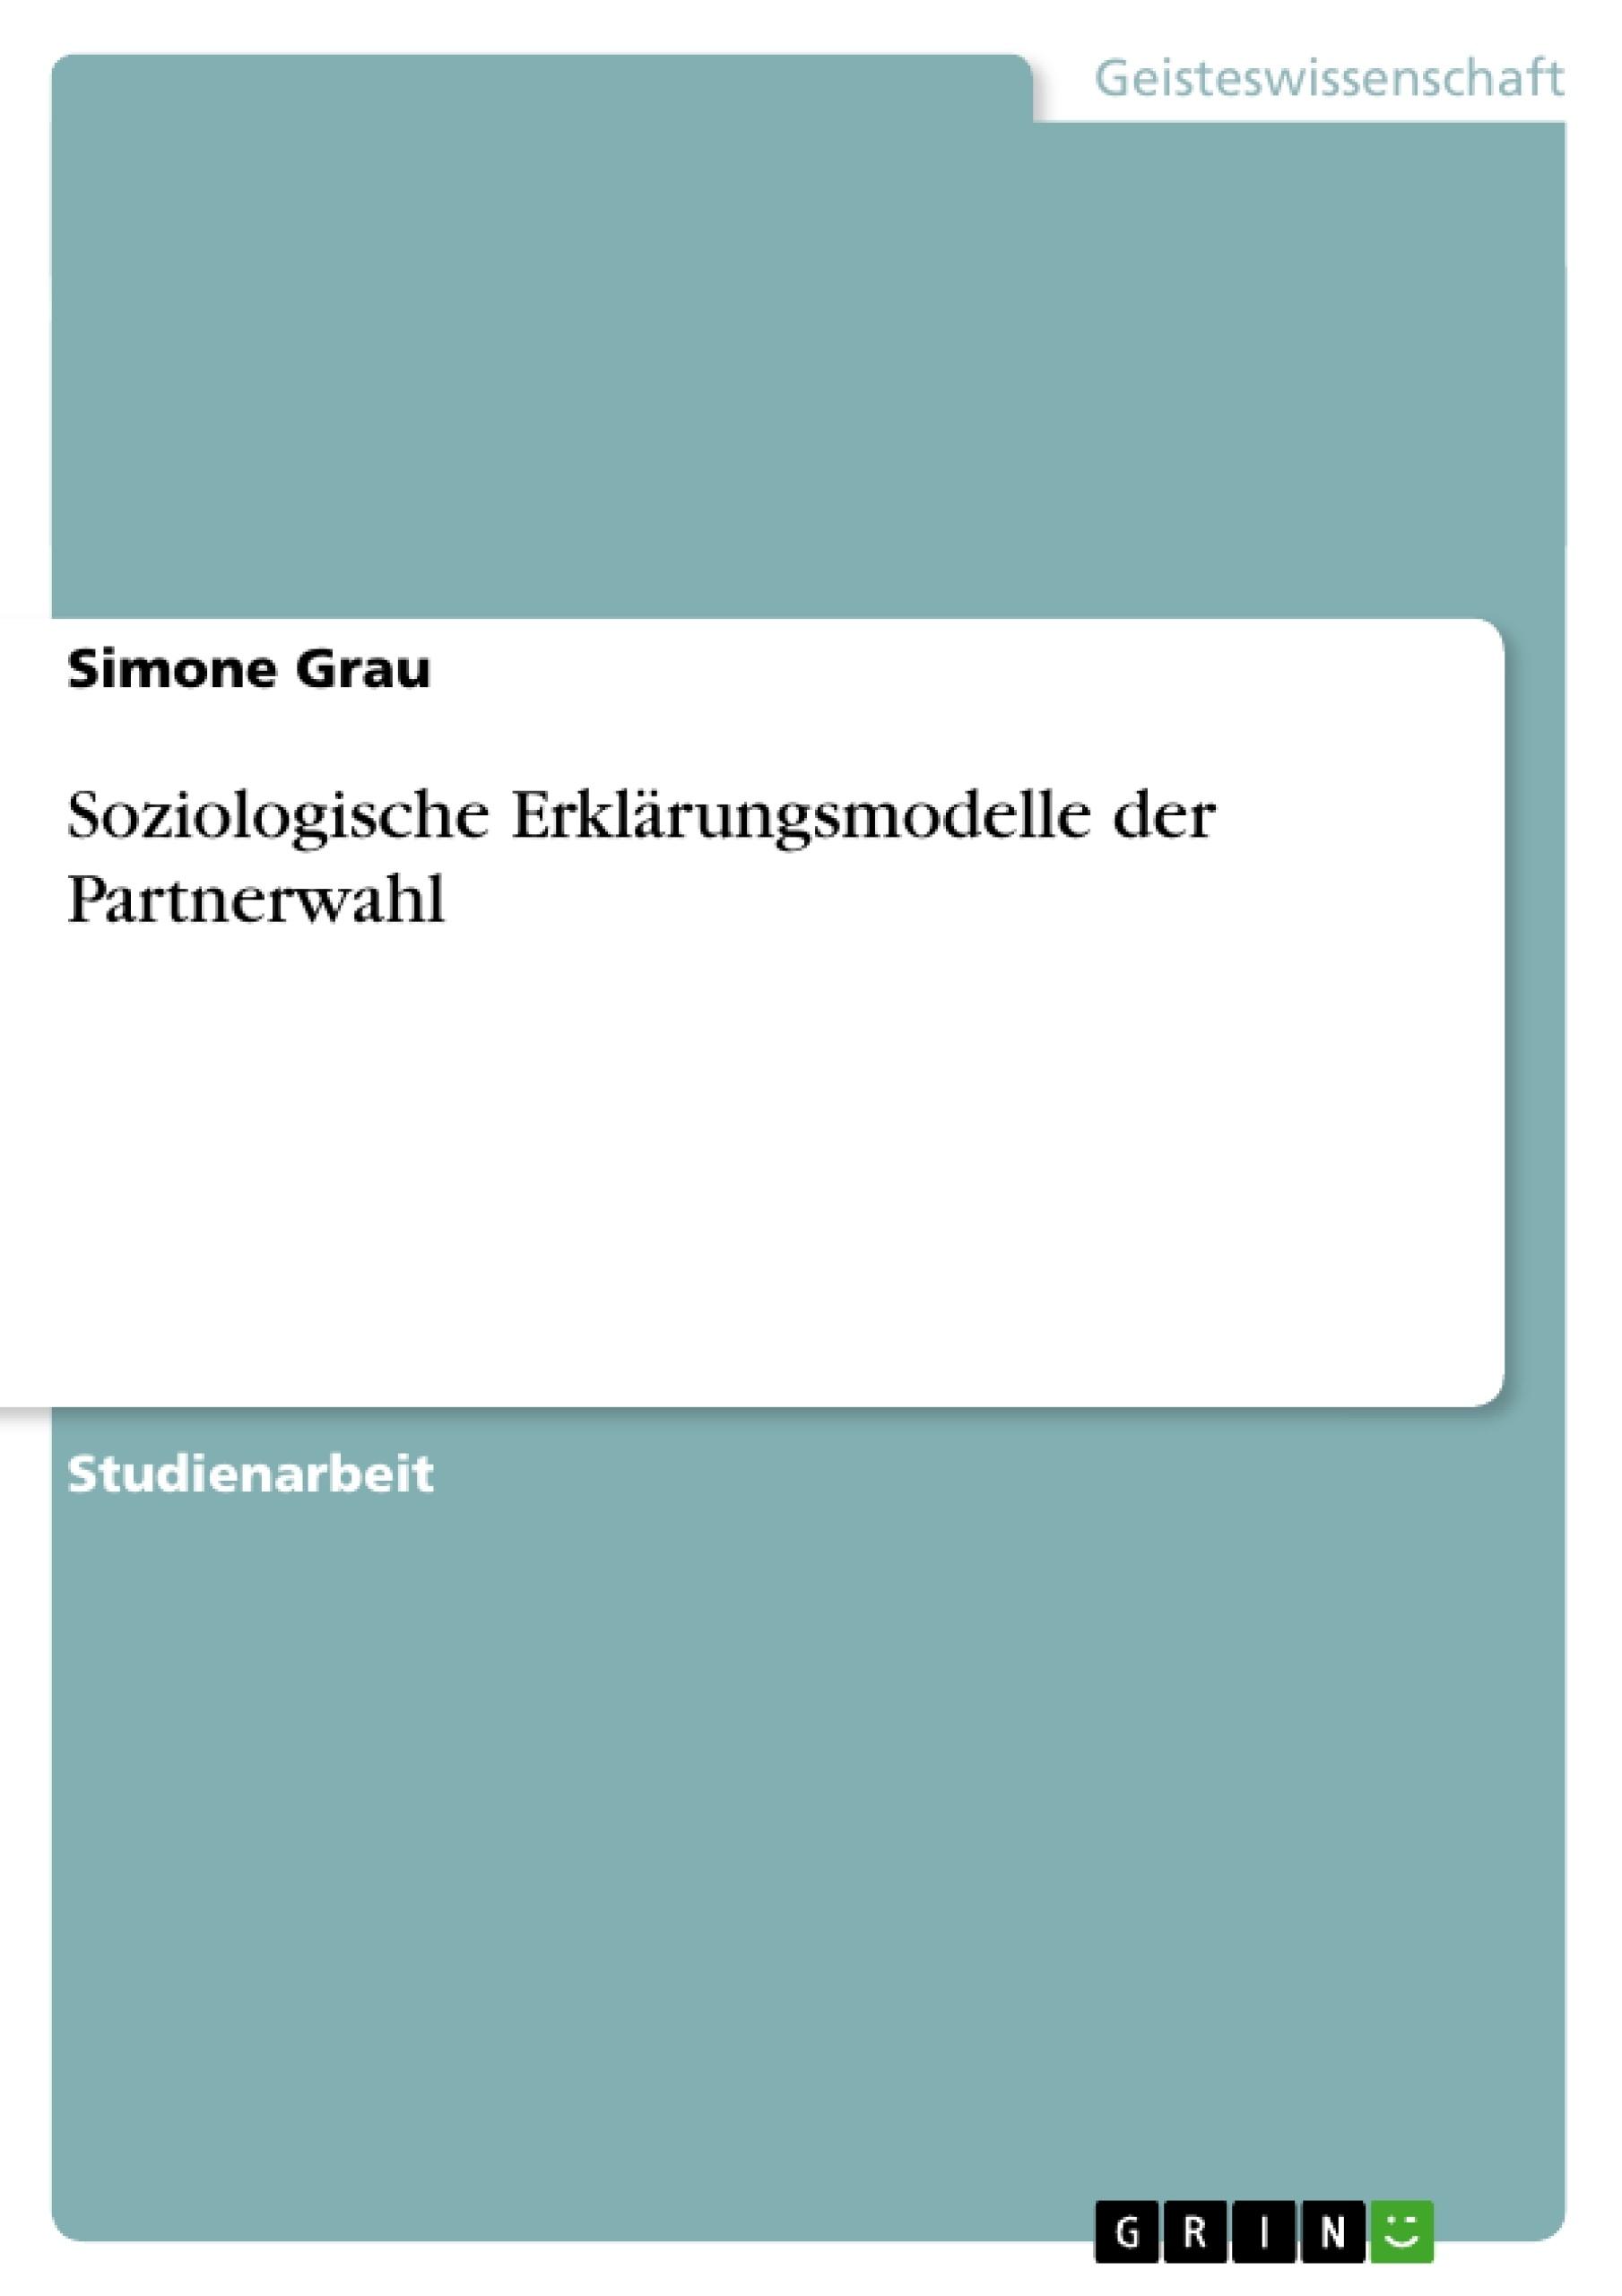 Titel: Soziologische Erklärungsmodelle der Partnerwahl